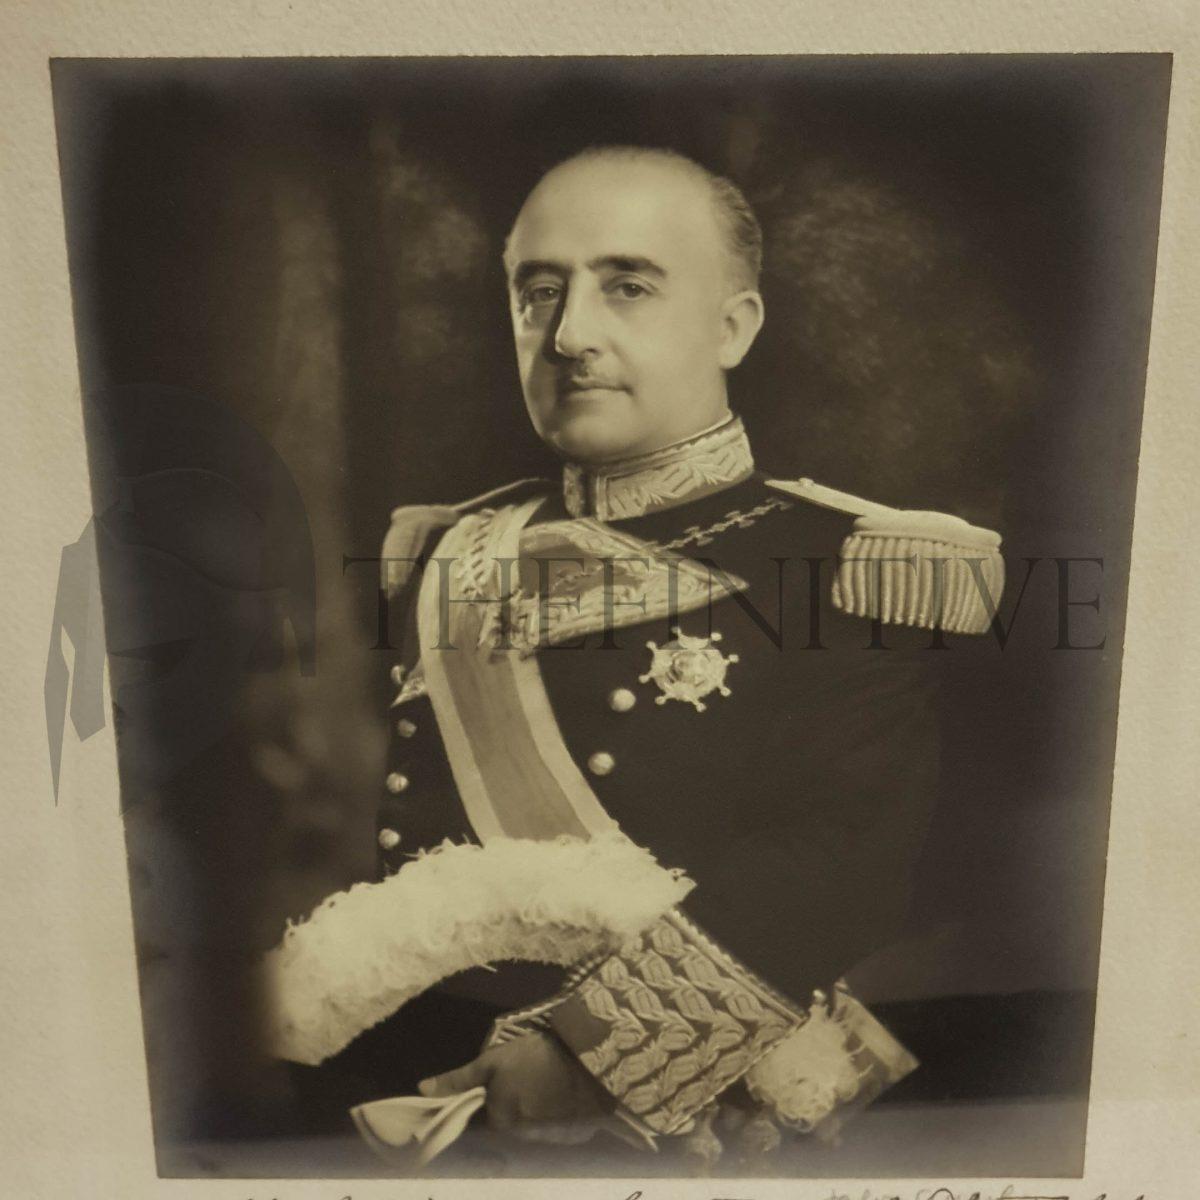 Francisco FRANCO Generalissimo Caudillo